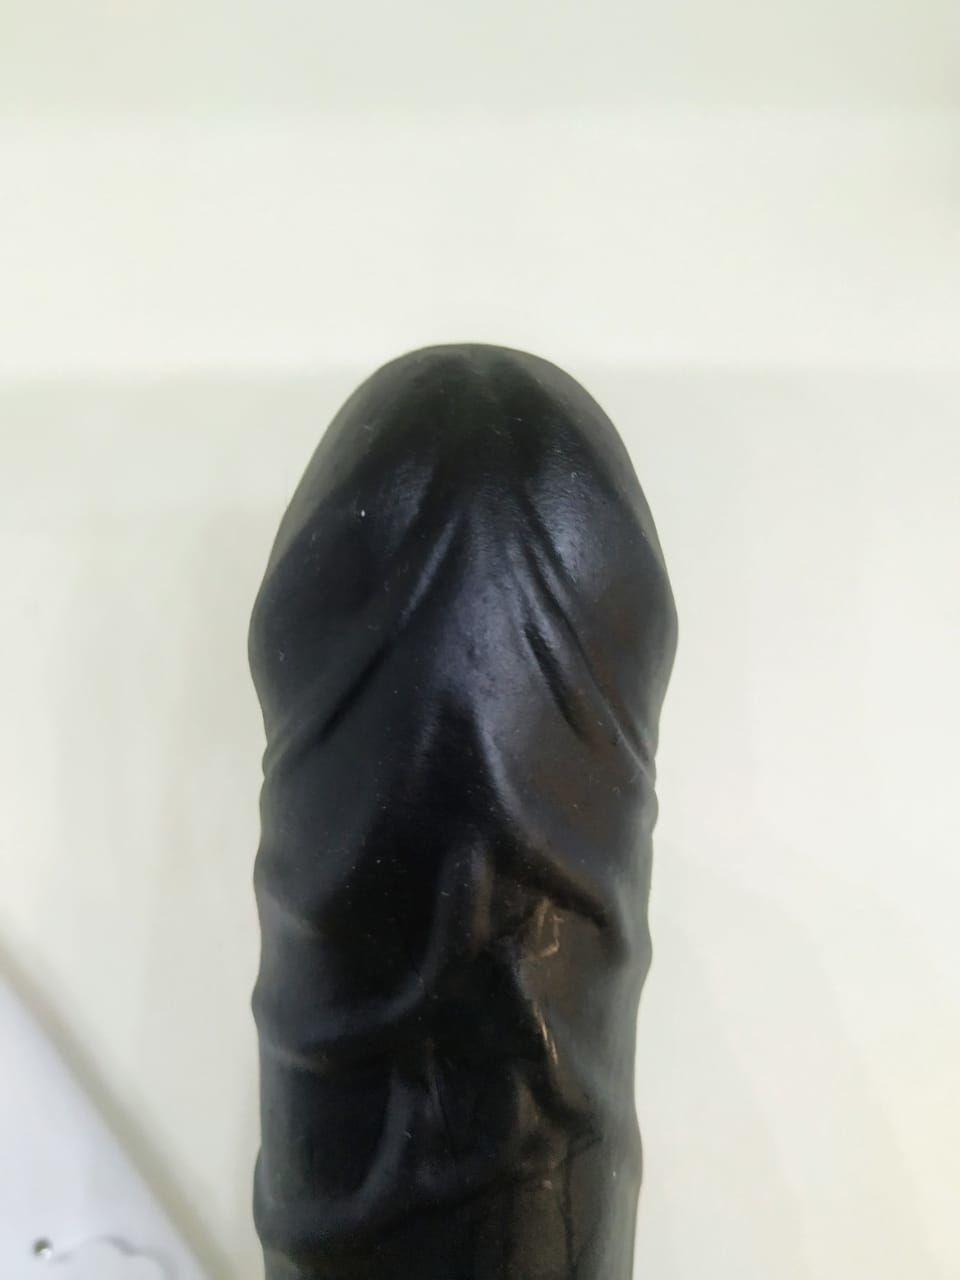 VIBRADOR PÊNIS REALÍSTICO COM VENTOSA 18 X 3,5 CM BLACK